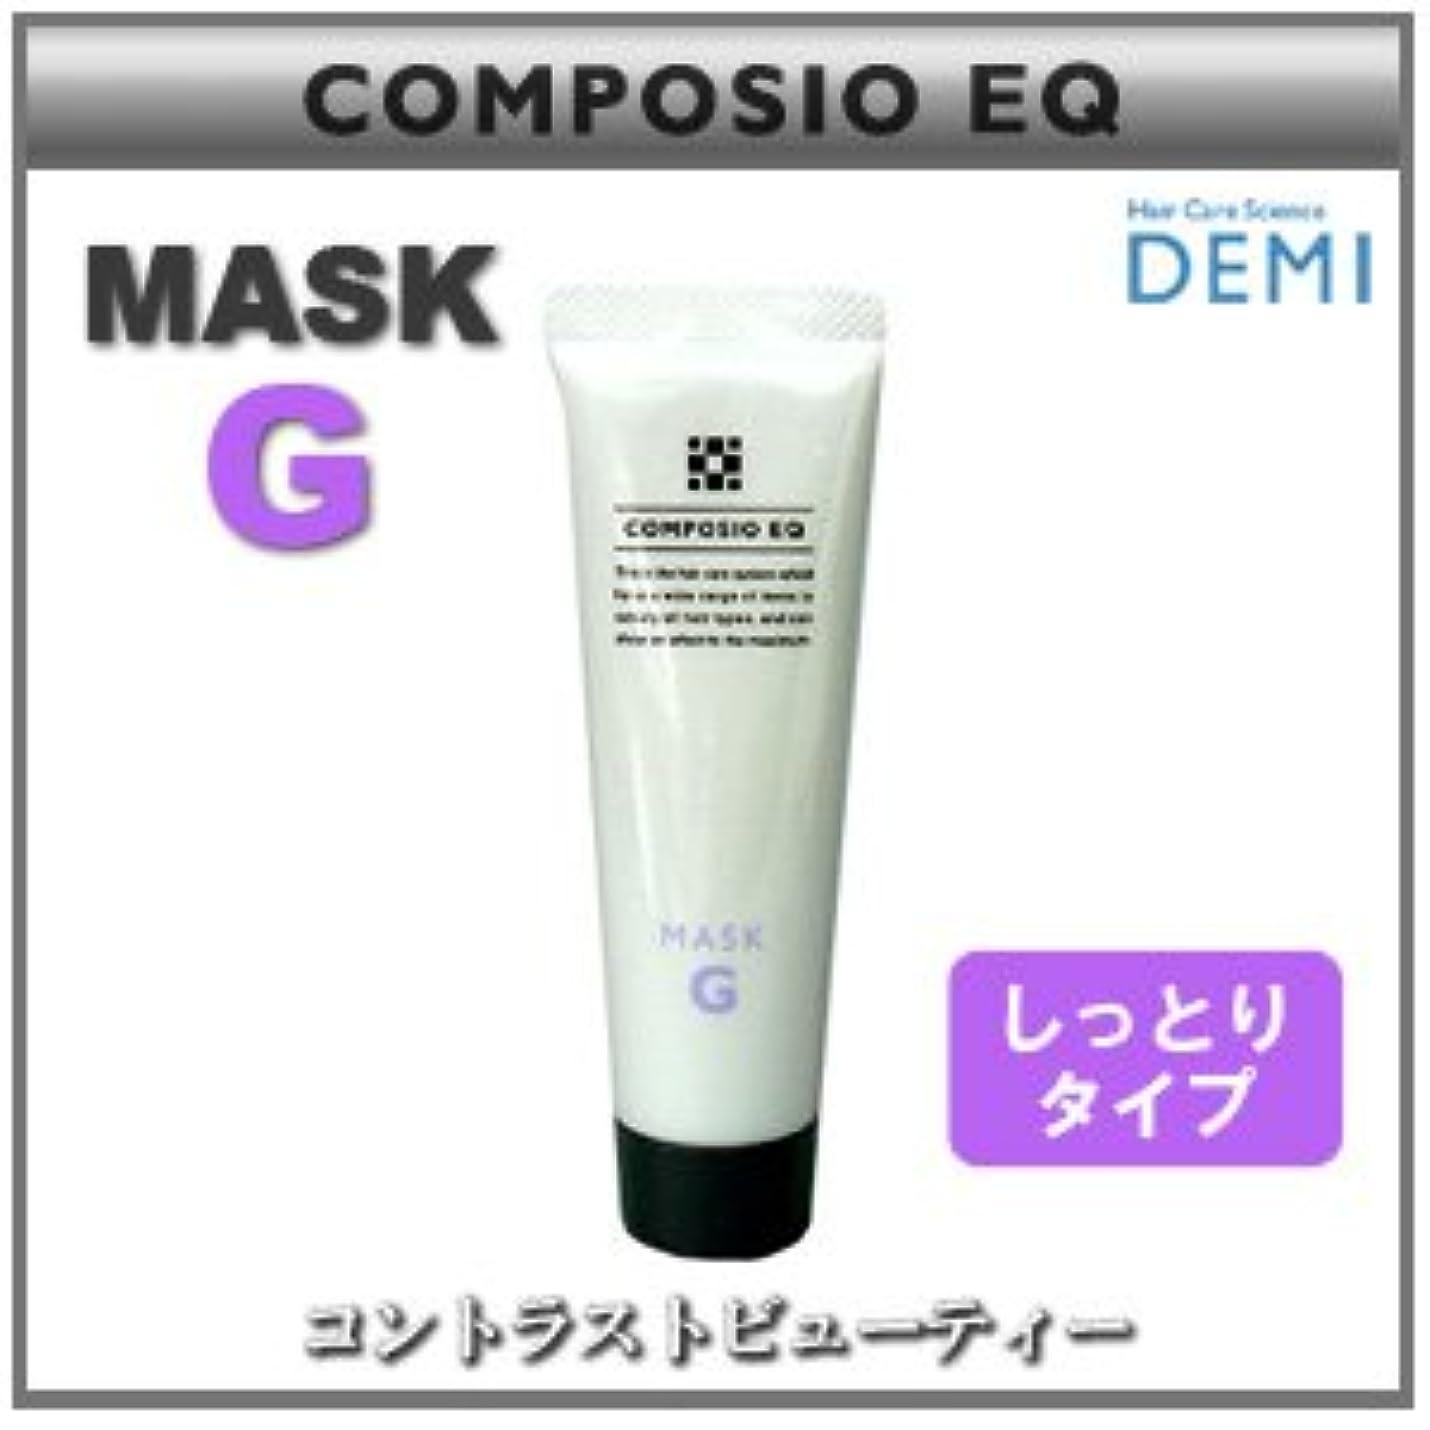 パブ臭い他の場所【X5個セット】 デミ コンポジオ EQ マスク G 50g